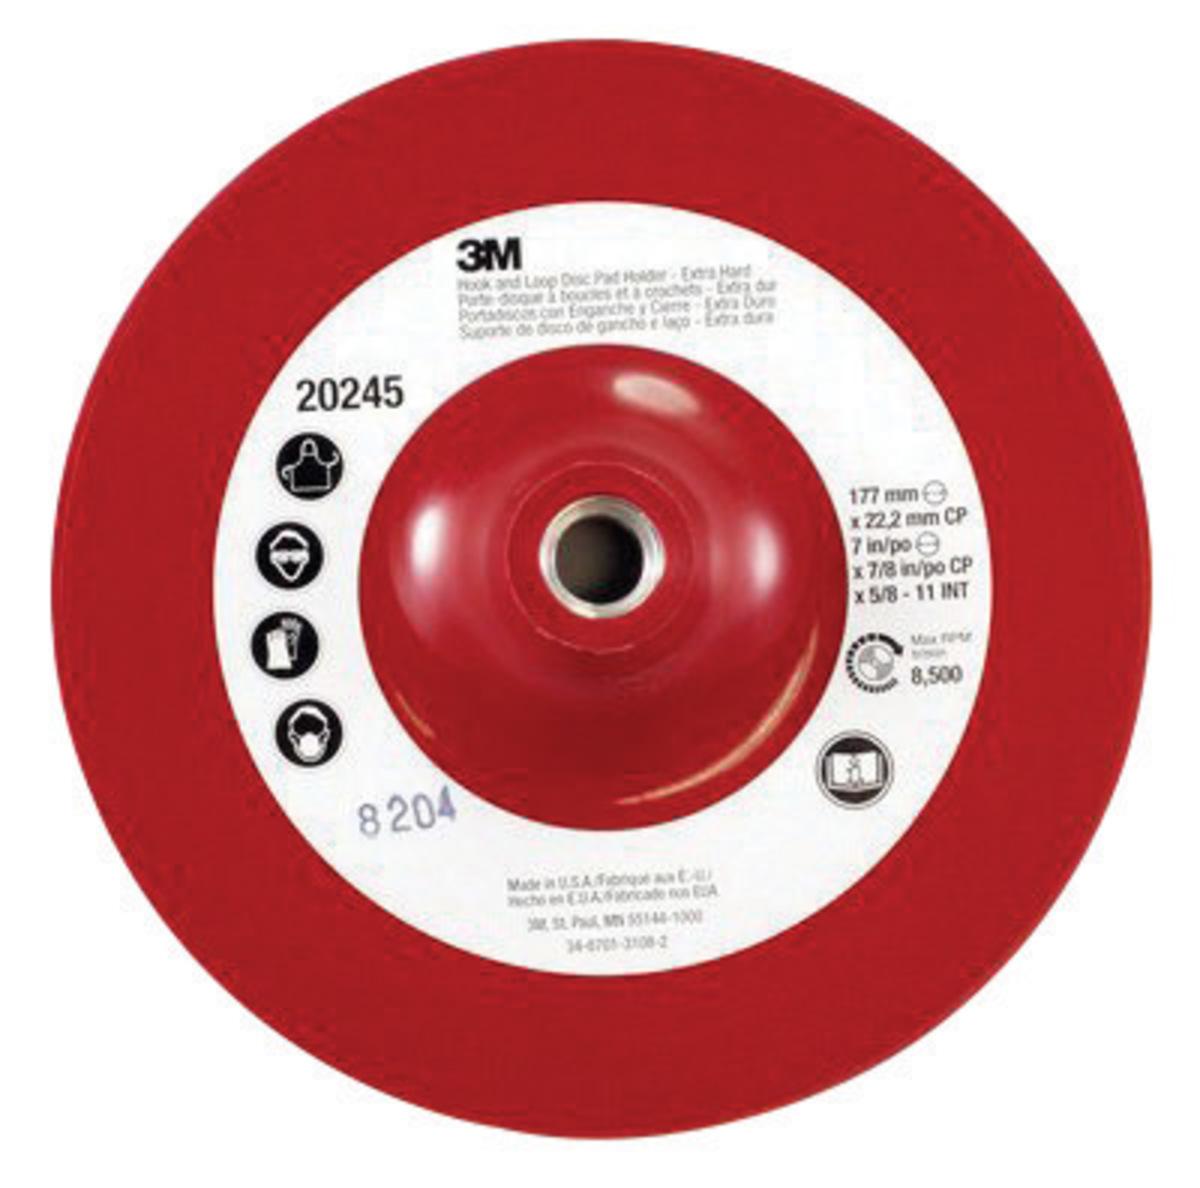 http://www.airgas.com/medias/Product-3MA051141-20245-1200Wx1200H?context=bWFzdGVyfHByb2R1Y3R8MTg4NDc3fGltYWdlL2pwZWd8cHJvZHVjdC9oODYvaDZlLzExNDAxNTk1NTE5MDA2LmpwZ3xiYmYzYWU3ODNhNDg3ZWRkZGI0MjQwNTEyMDM5MmRmYWI3Njk5ZWU0ZDhlNjQzNDc0ZjVmYmE5MDliOWUzNGEw